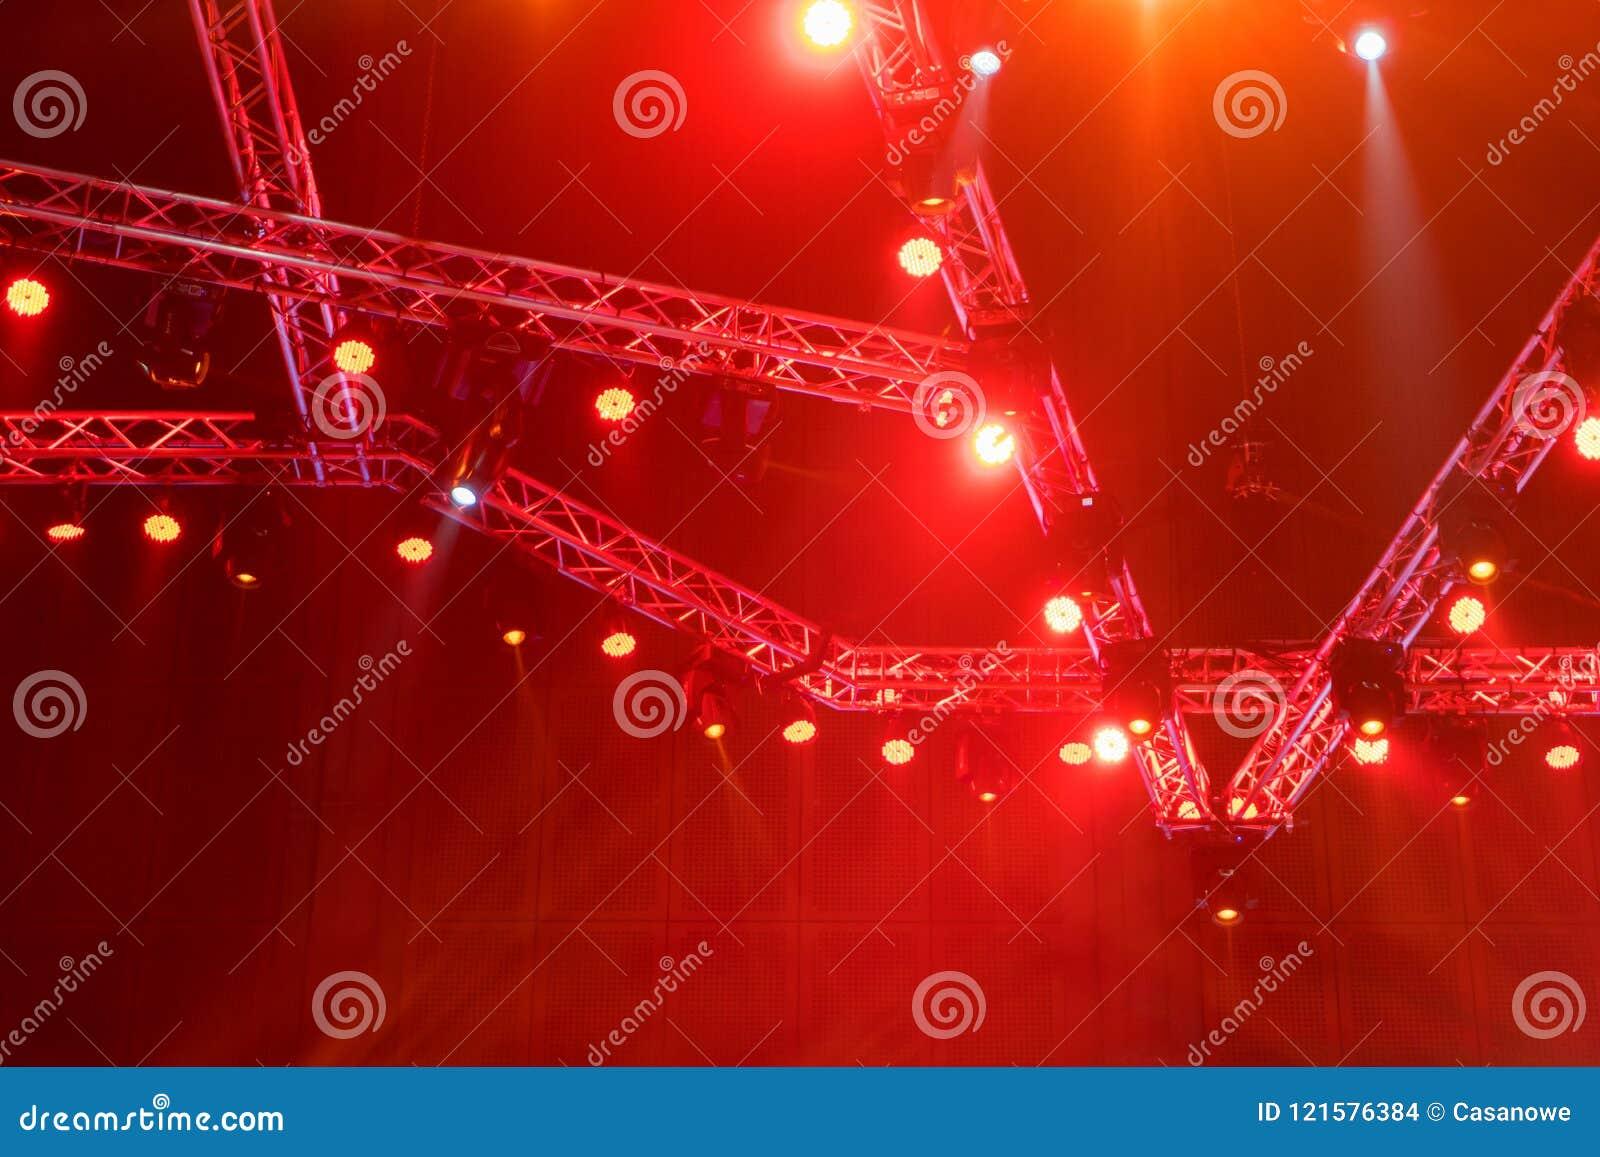 Arrangera ljus på konsert, eller belysningsutrustning med laser-strålar är